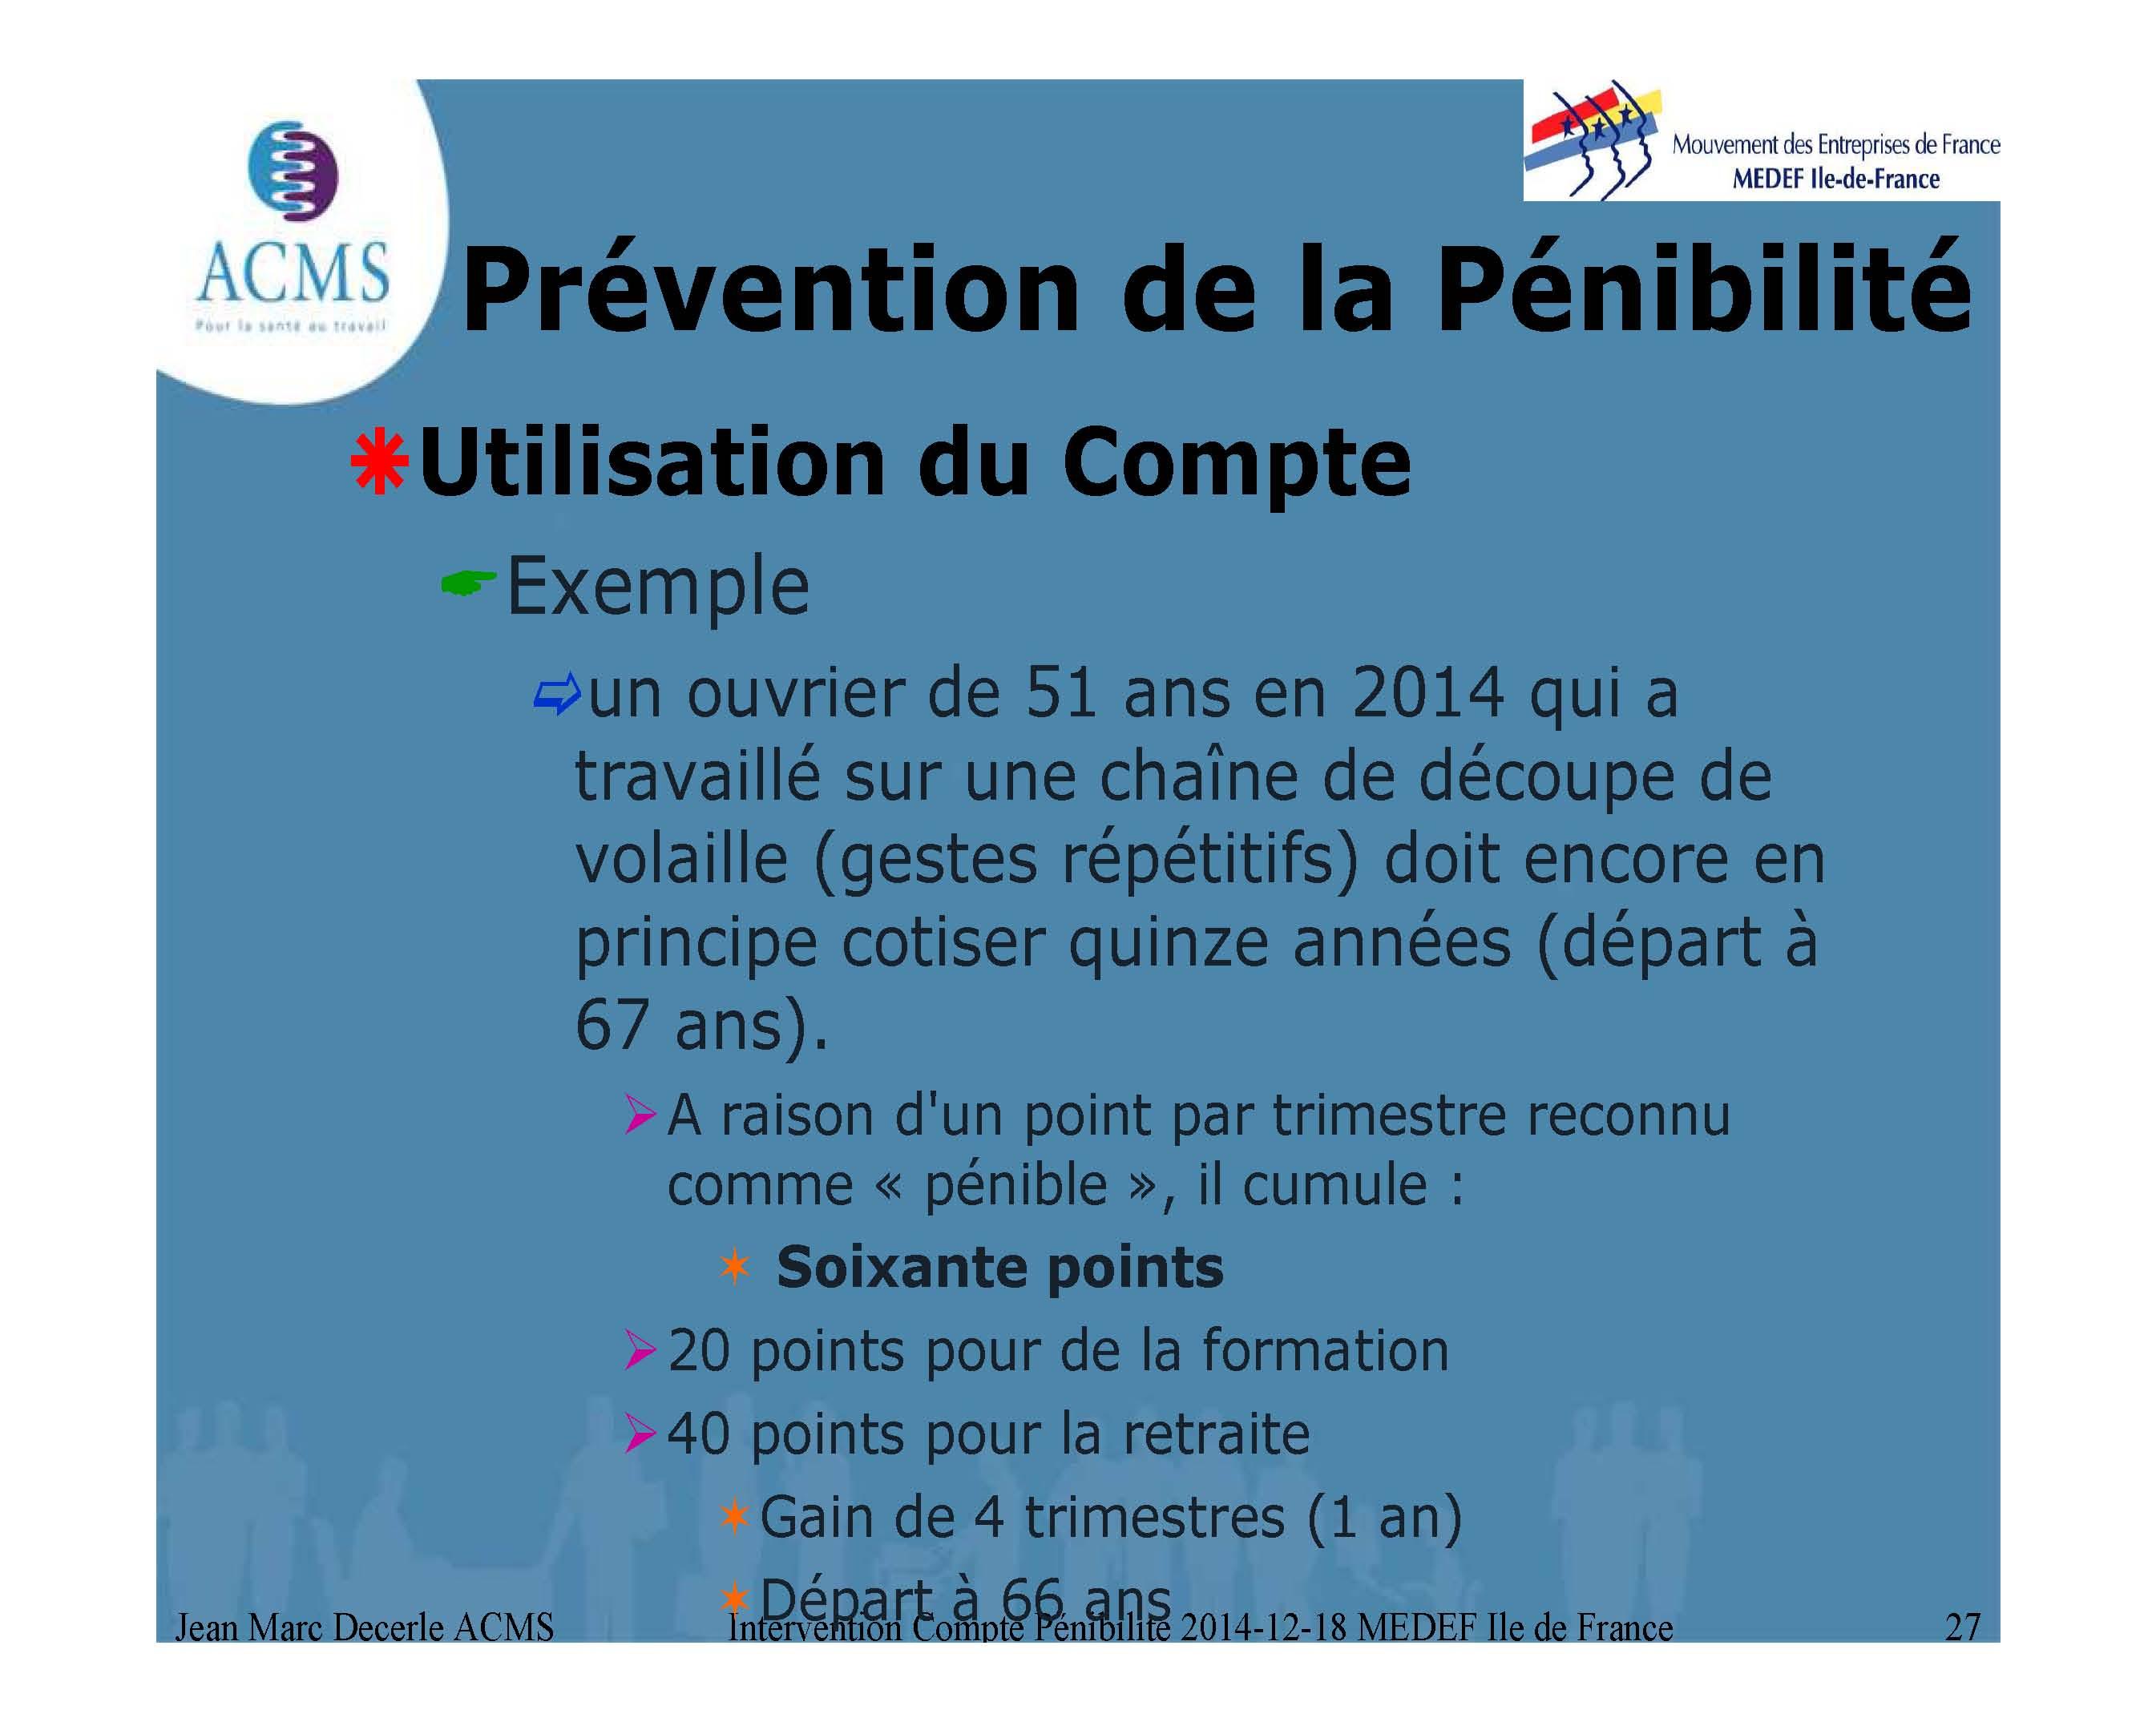 2014-12-18 Compte Pénibilite MEDEF Ile de France_Page_27